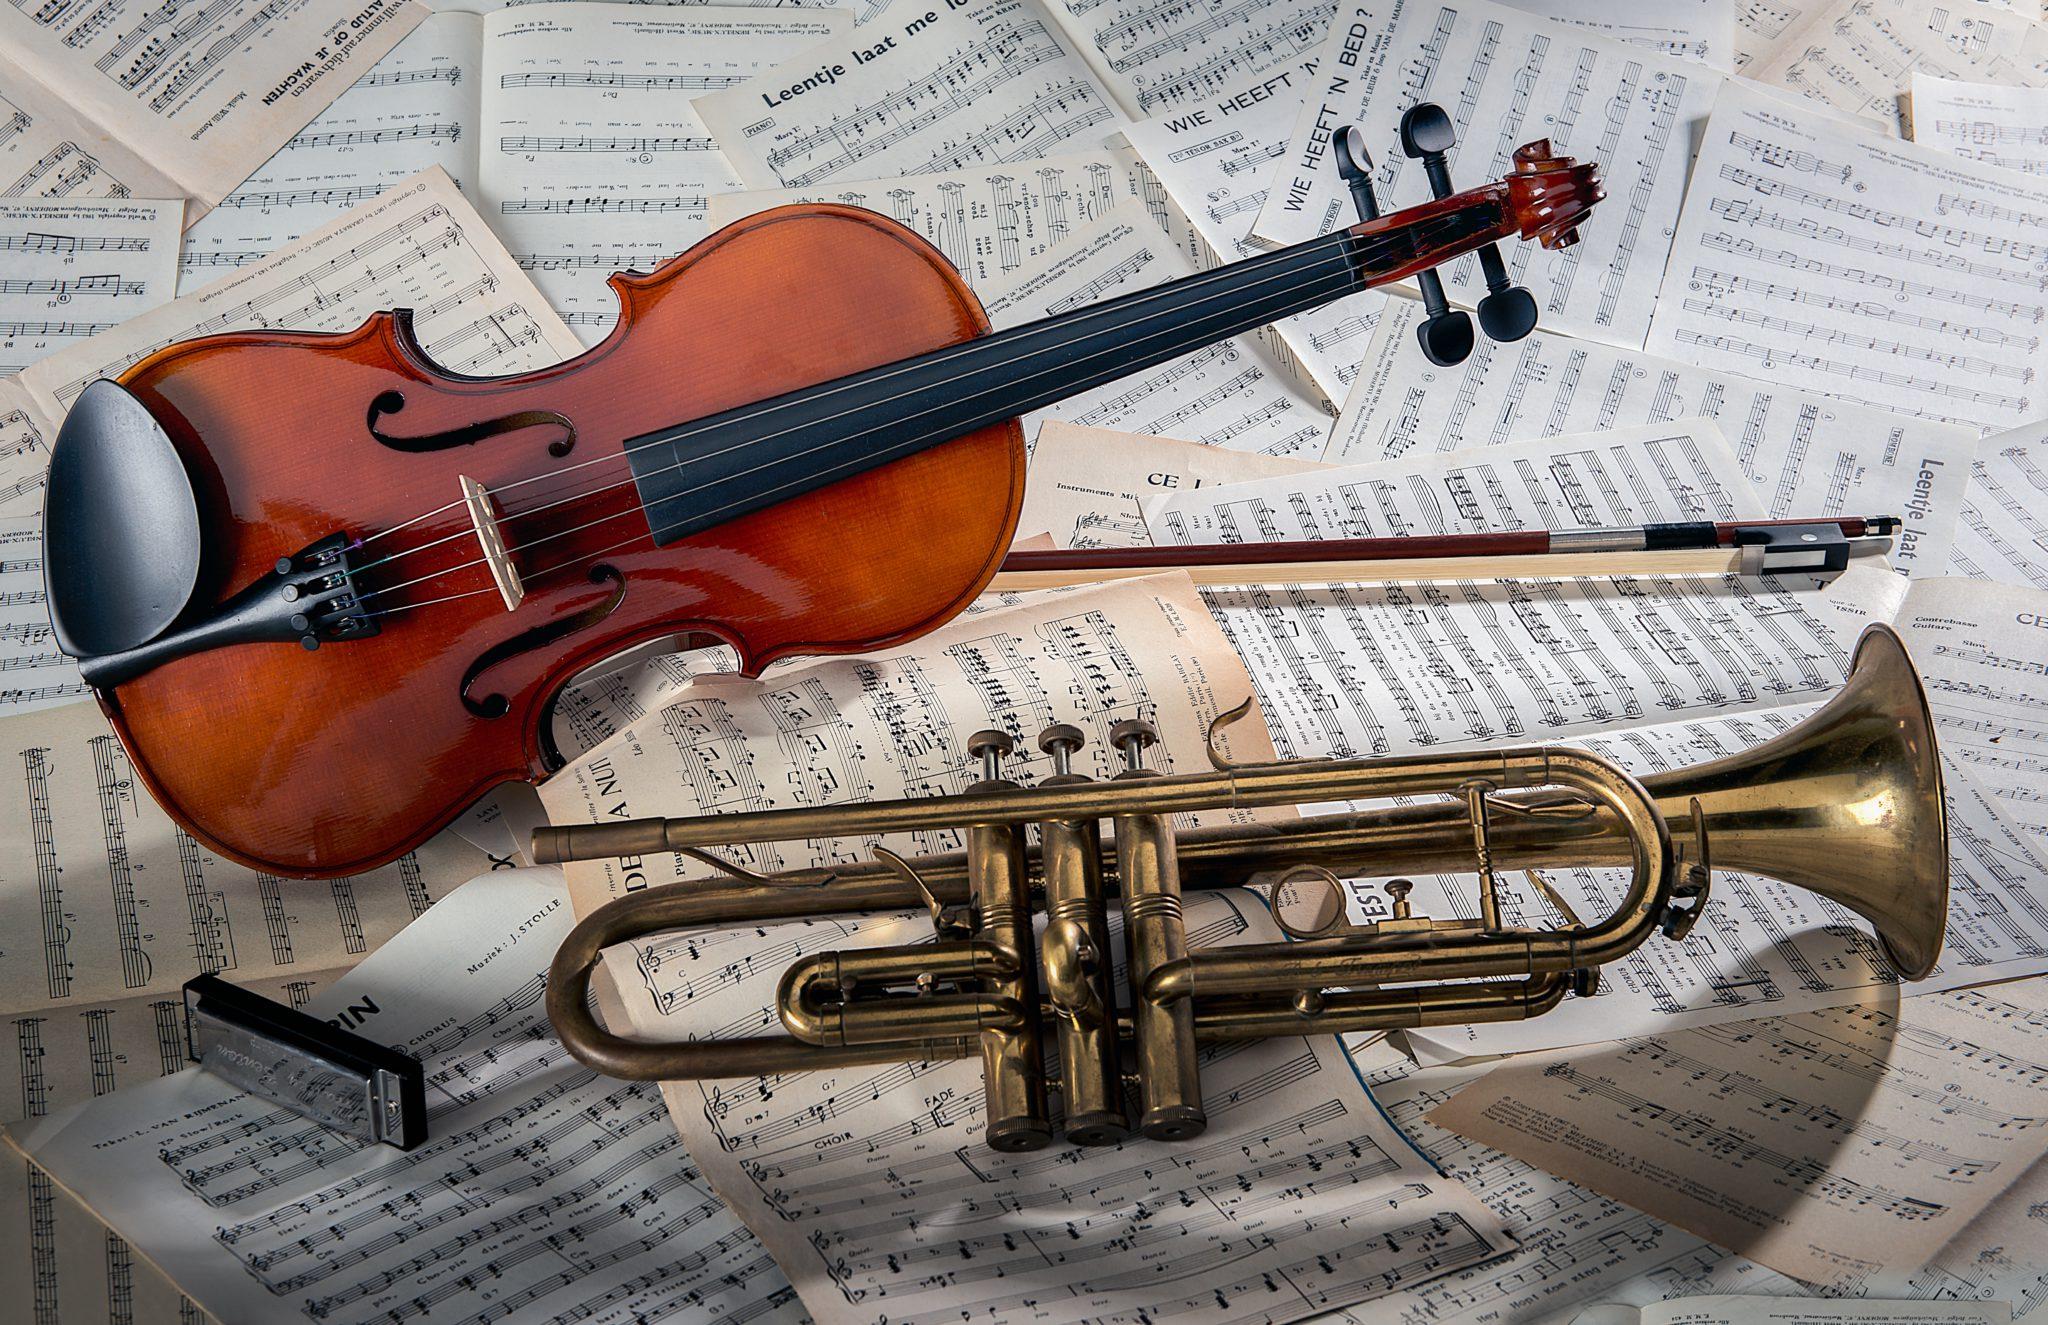 Musique photo créé par wirestock - fr.freepik.com